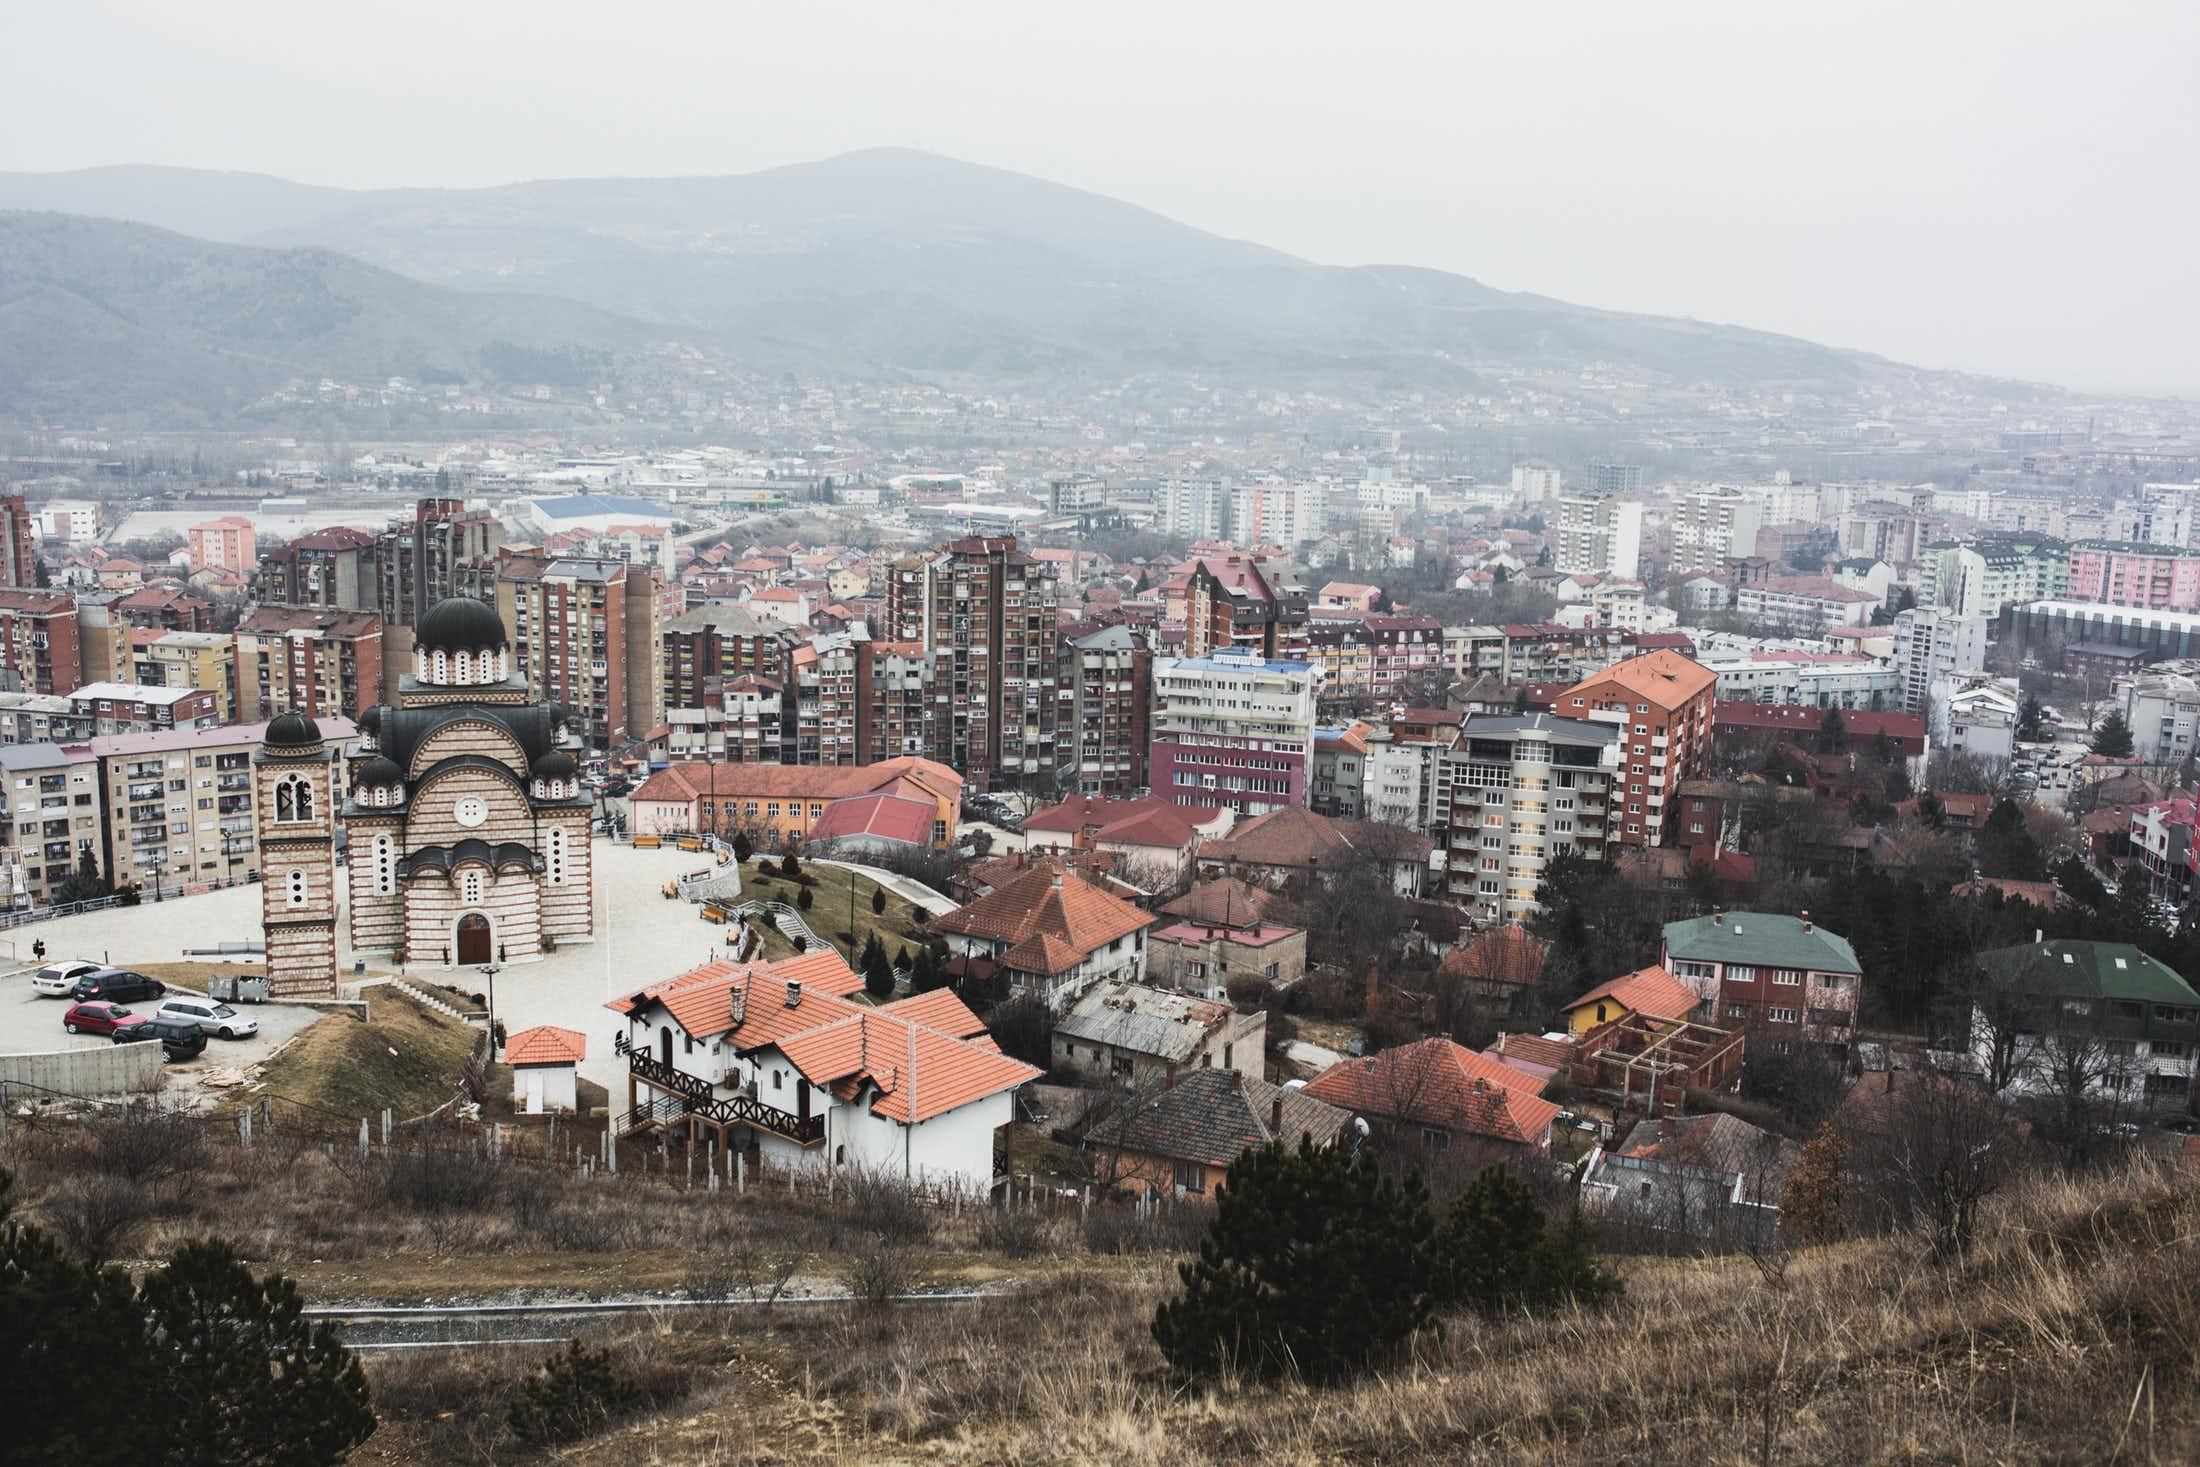 Au nord du Kosovo, Mitrovca est une ville coupée en deux, en partie sous contrôle serbe. (photo Martin Valentin Fuchs)